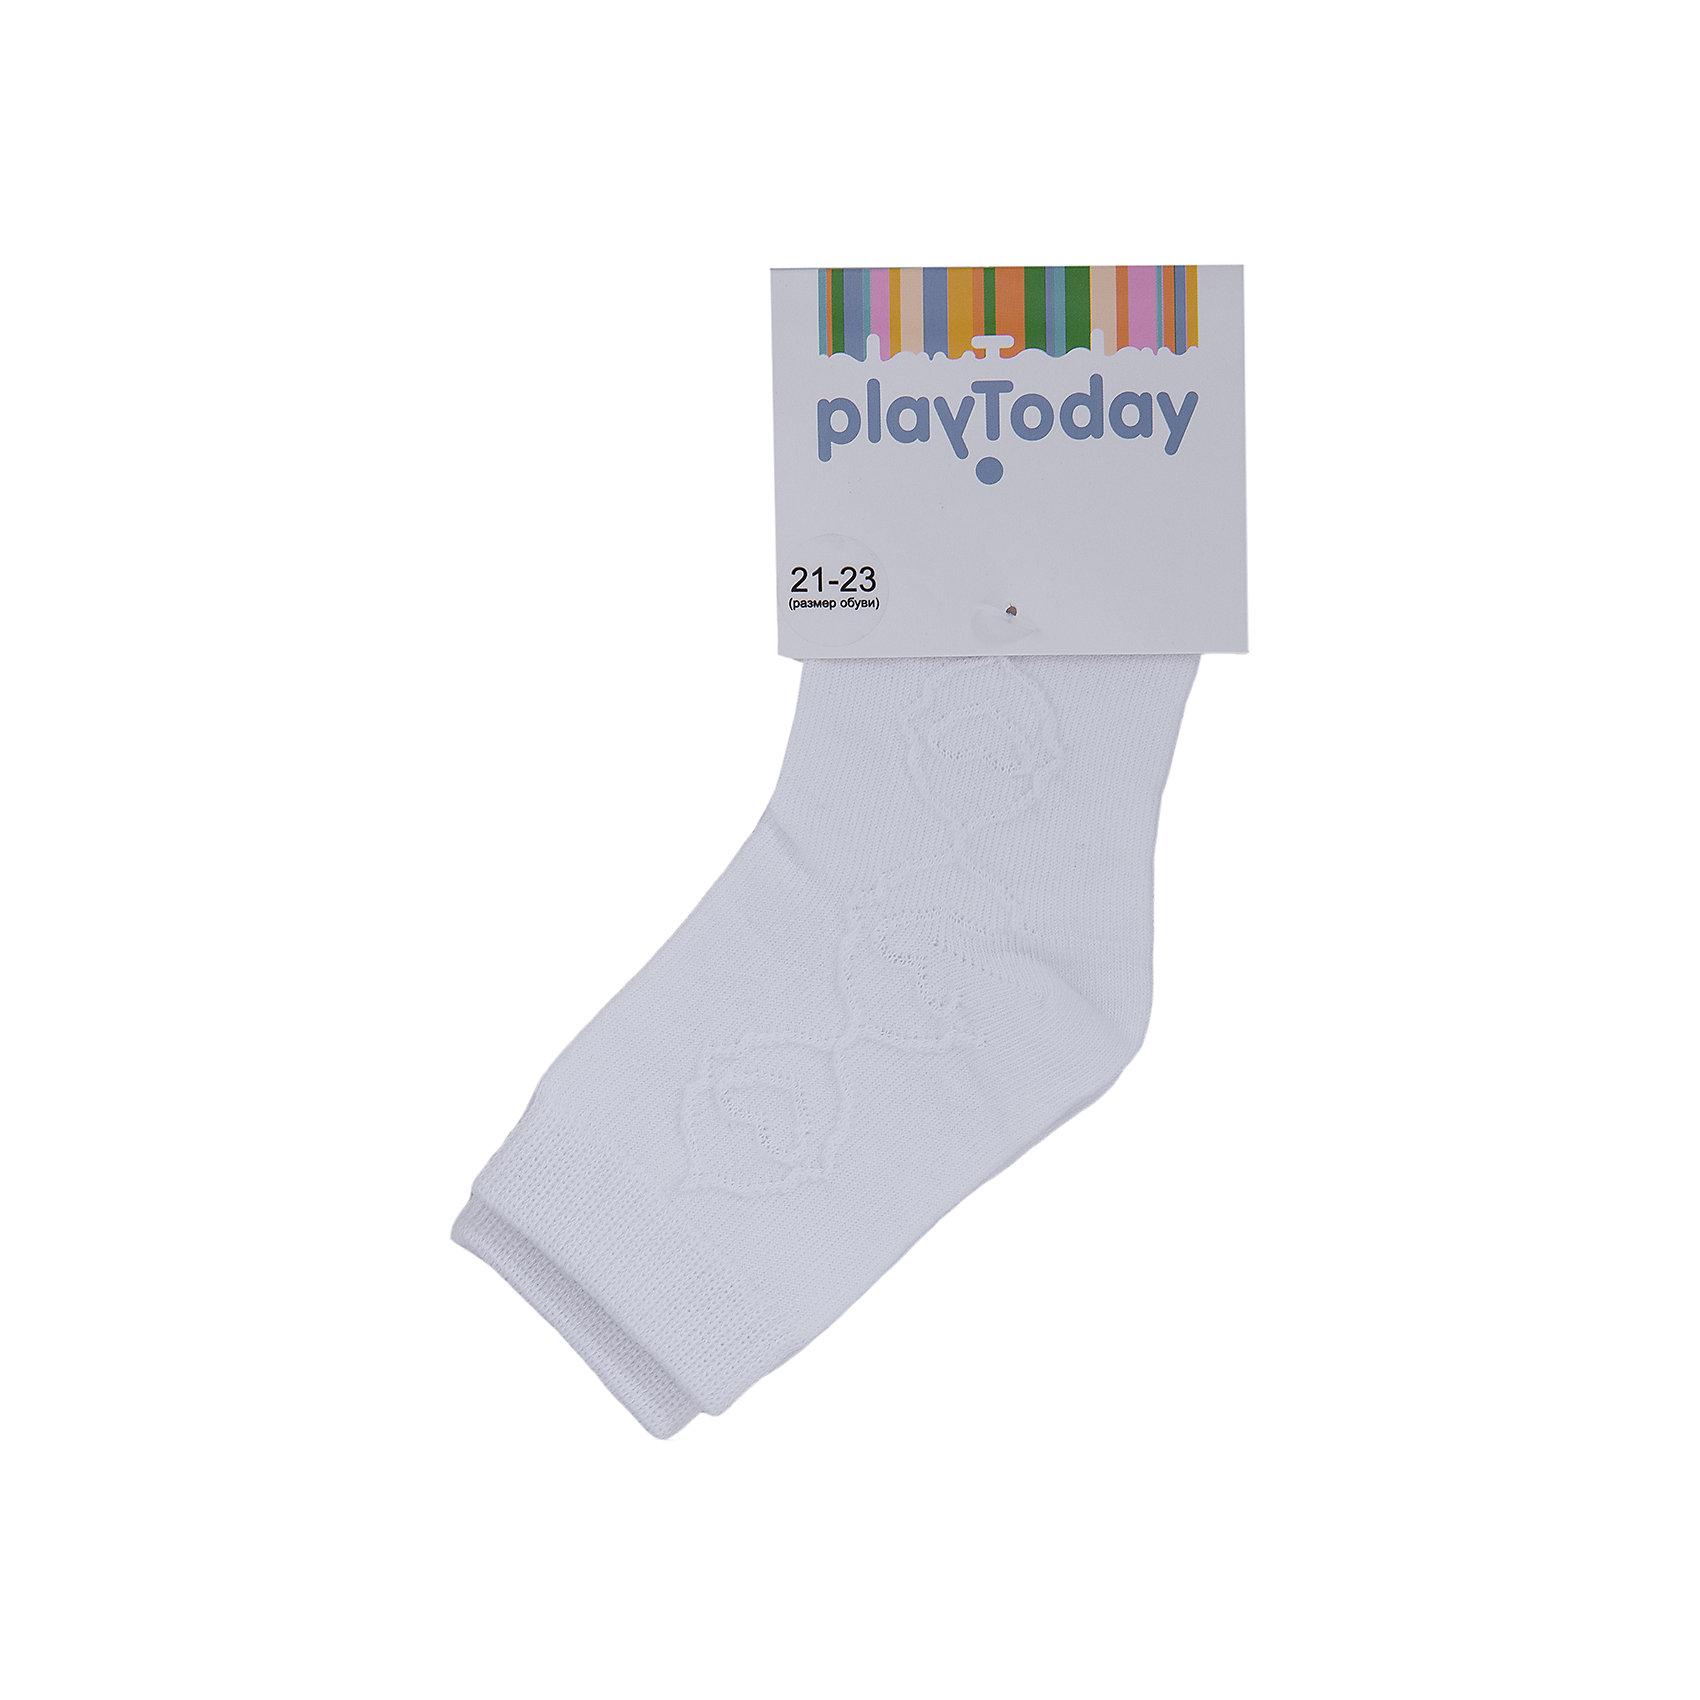 Носки для девочки PlayTodayНоски<br>Носки для девочки от известного бренда PlayToday.<br>Уютные хлопковые носочки с милым рисунком. Верх на мягкой резинке.<br>Состав:<br>75% хлопок, 22% нейлон, 3% эластан<br><br>Ширина мм: 87<br>Глубина мм: 10<br>Высота мм: 105<br>Вес г: 115<br>Цвет: белый<br>Возраст от месяцев: 15<br>Возраст до месяцев: 24<br>Пол: Женский<br>Возраст: Детский<br>Размер: 14,18,16<br>SKU: 4897628